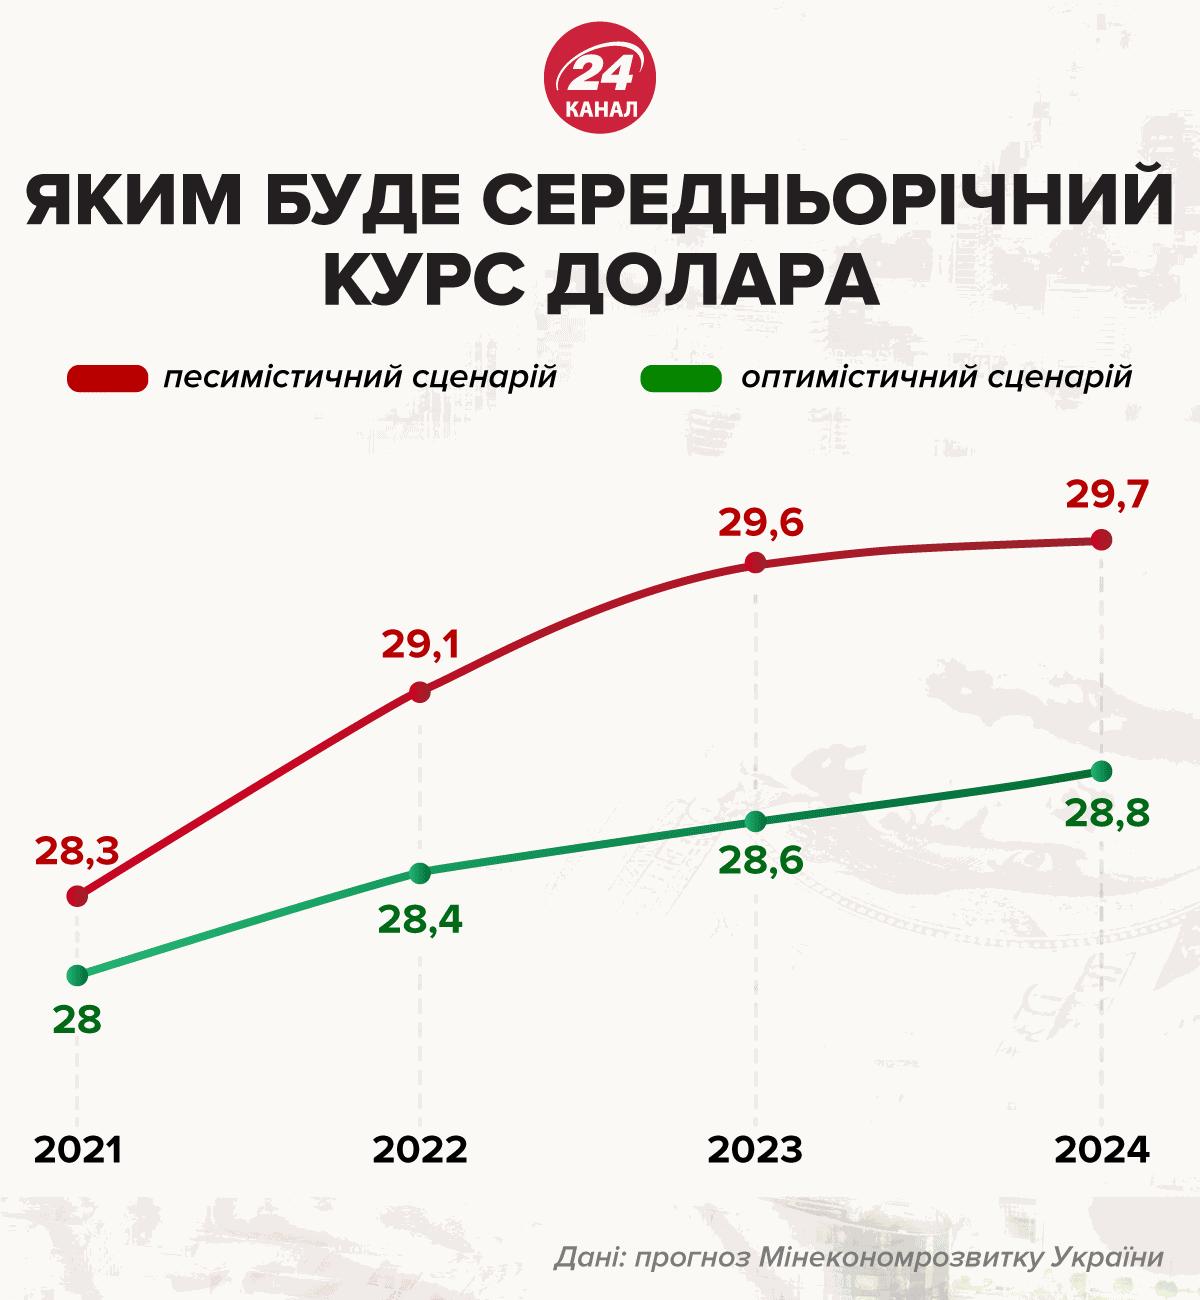 курс долара до 2023 року